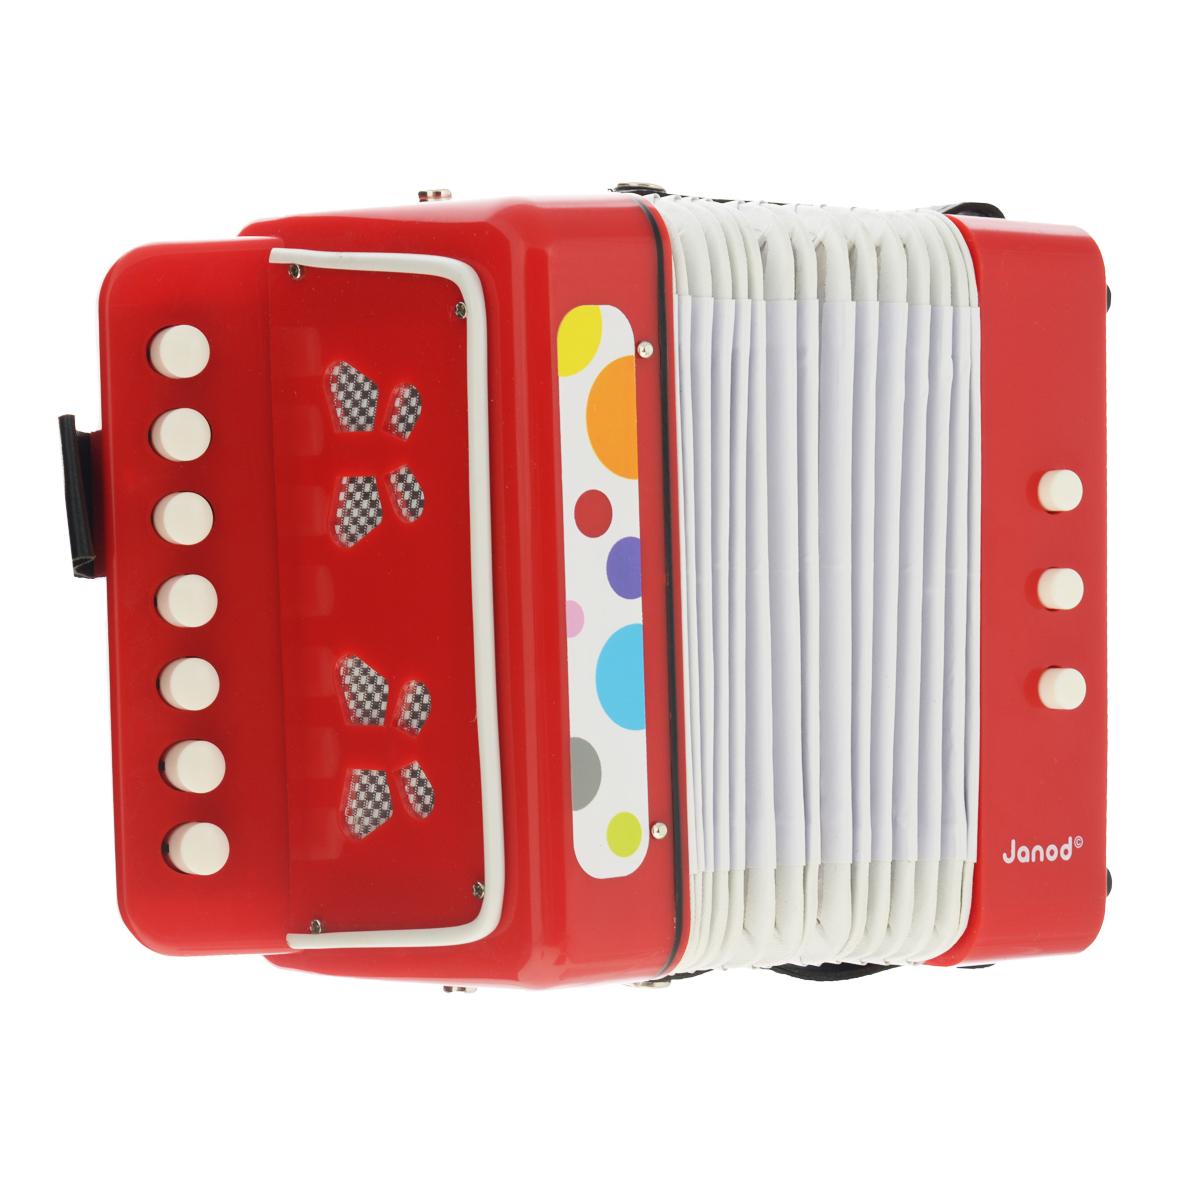 Музыкальная игрушка Janod АккордеонJ07620Музыкальная игрушка Janod Аккордеон не позволит скучать вашему малышу. Он выполнен из дерева и окрашен в яркие цвета с применением безопасных для здоровья детей красок. Аккордеон выглядит и звучит совсем как настоящий. Он оснащен 7 кнопками, при нажатии на которые инструмент издает звуки различной высоты, а также 2 кнопками изменения тональности. Яркая расцветка аккордеона привлечет внимание и поднимет настроение малыша. Это яркая и веселая игрушка, с помощью которой вы сможете привить ребенку любовь к музыке. Музыкальная игрушка Janod Аккордеон поможет развить слух, чувство ритма и музыкальные способности малыша, и он порадует вас веселым концертом!